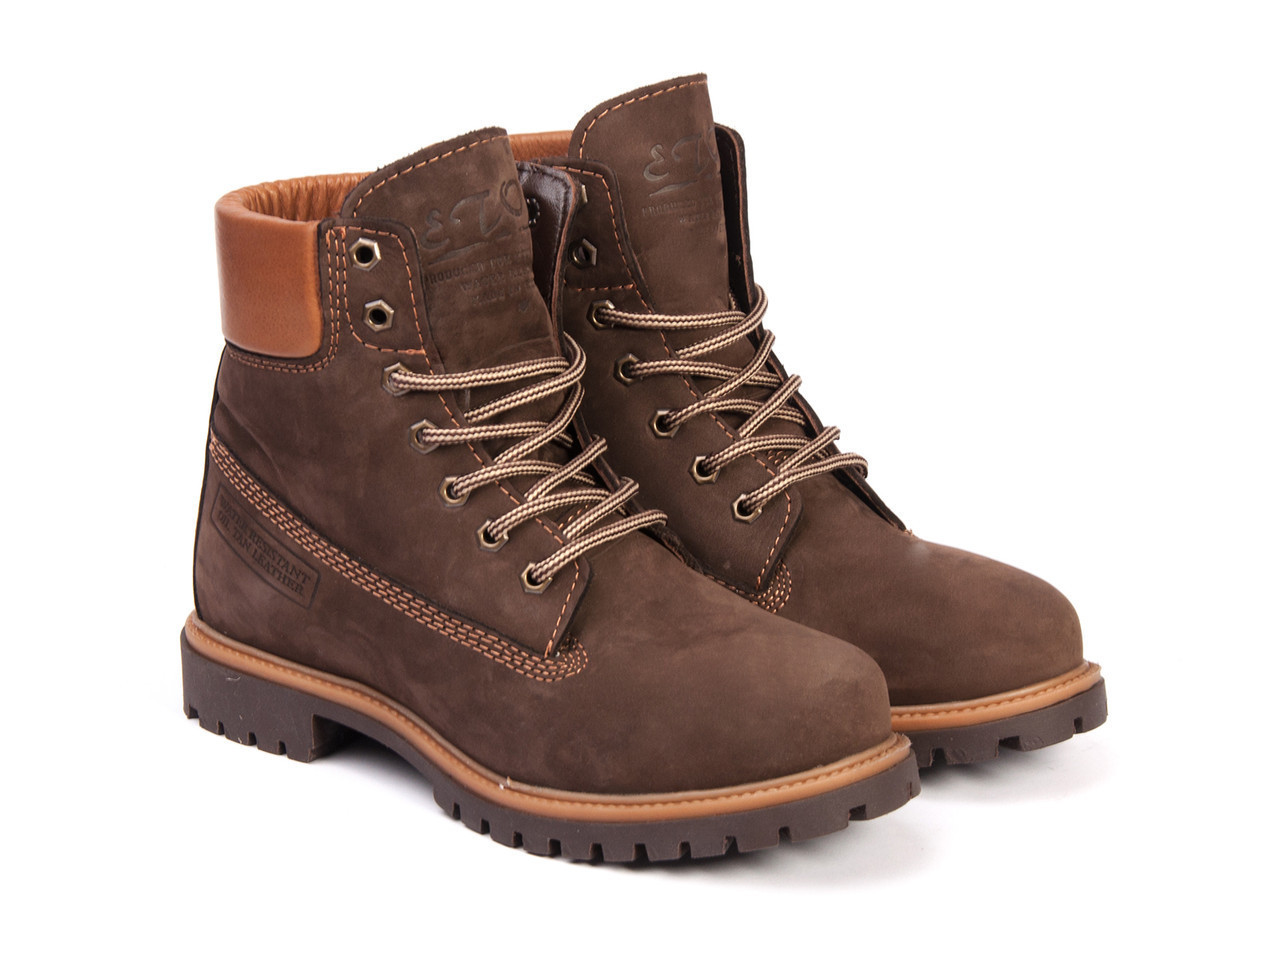 Черевики Etor 9916-2298-02 42 коричневі